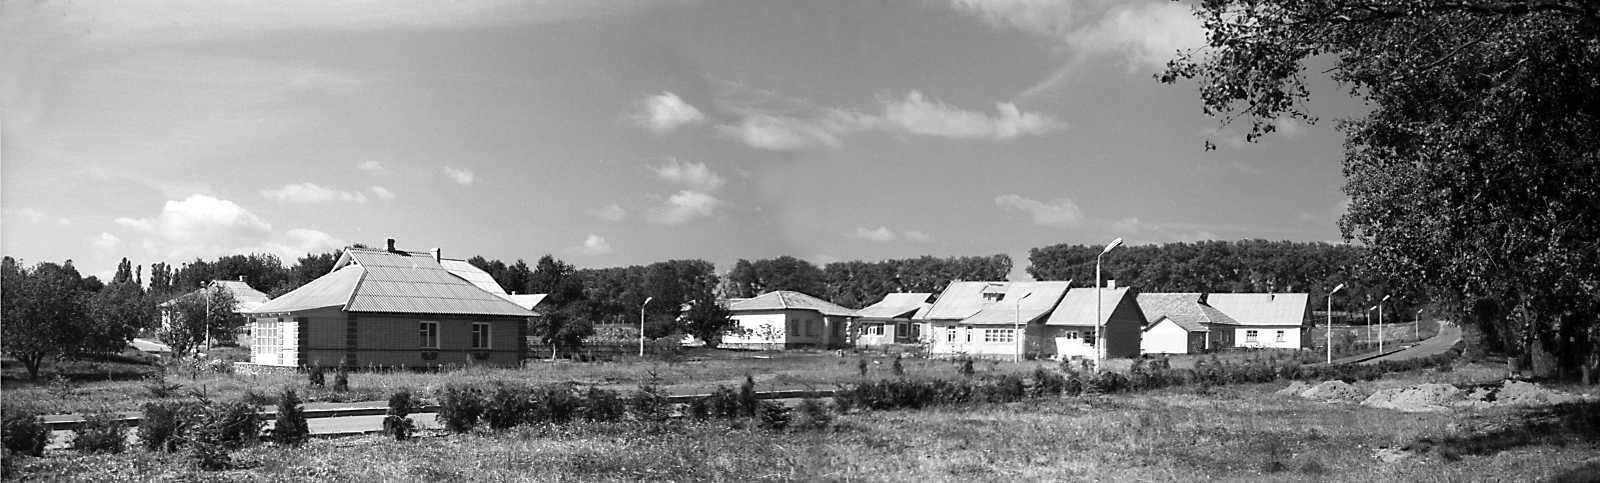 1980 р. Панорама з північного сходу